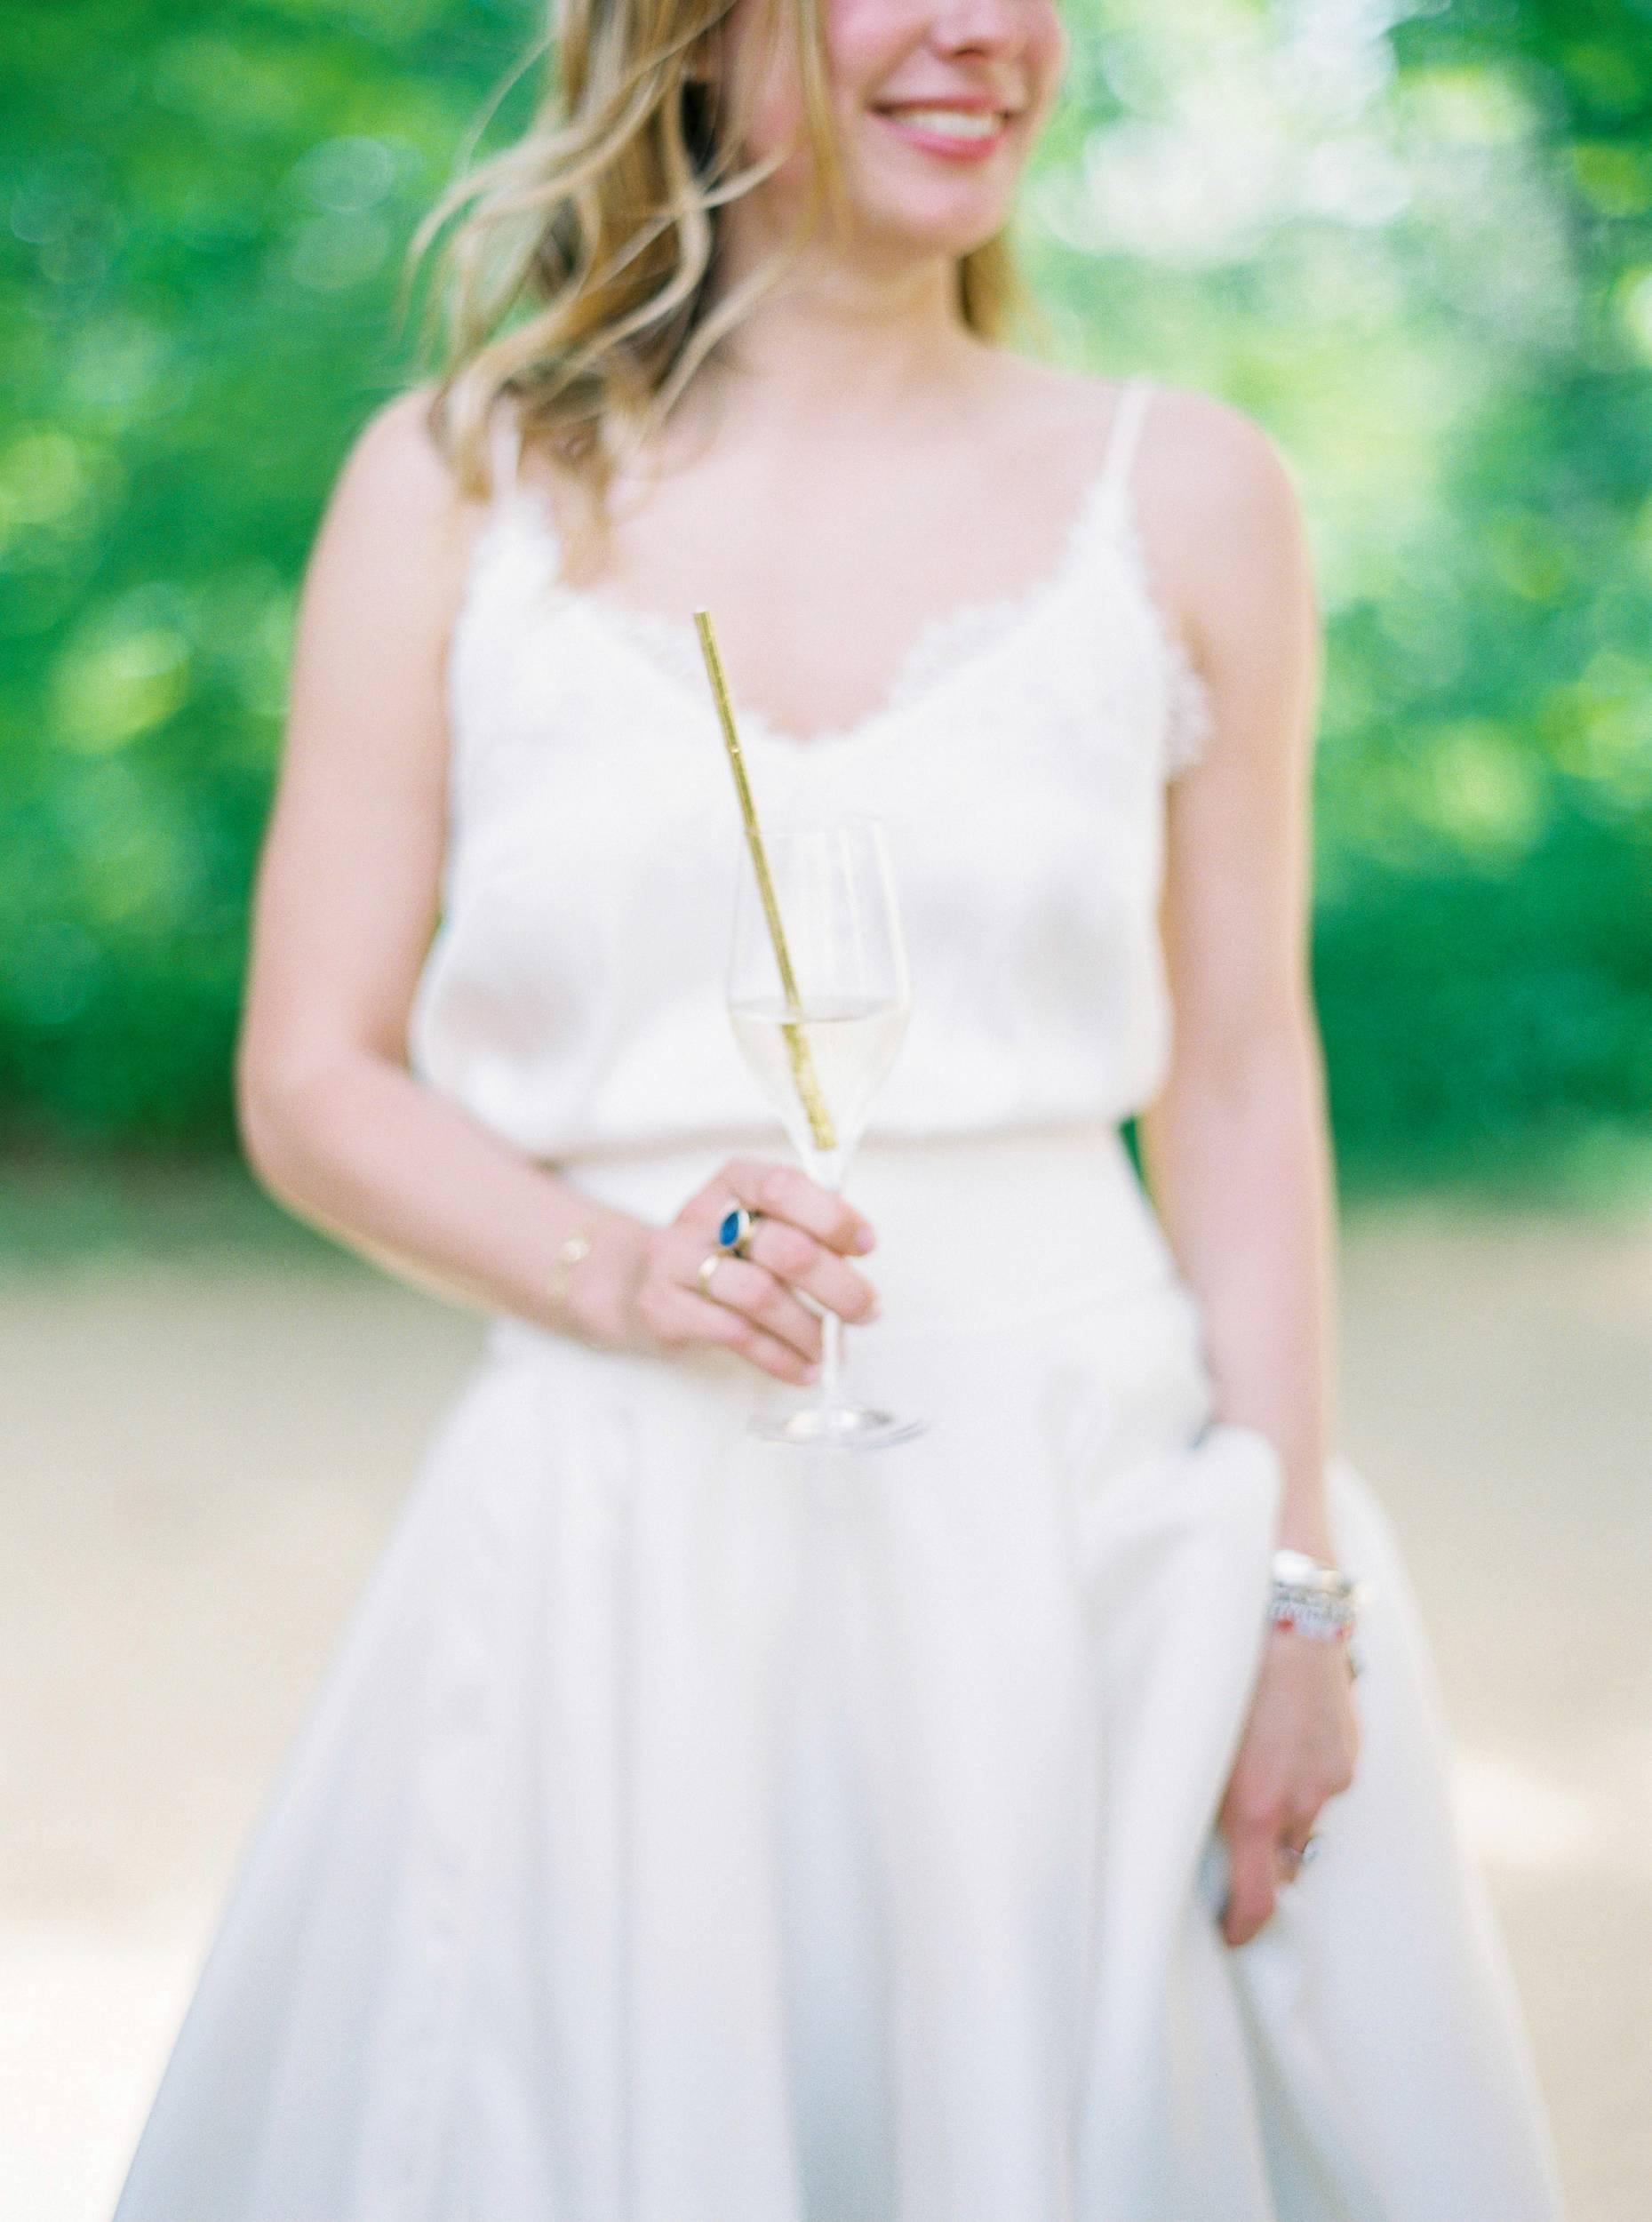 golden straw goldener strohhalm hochzeit wedding